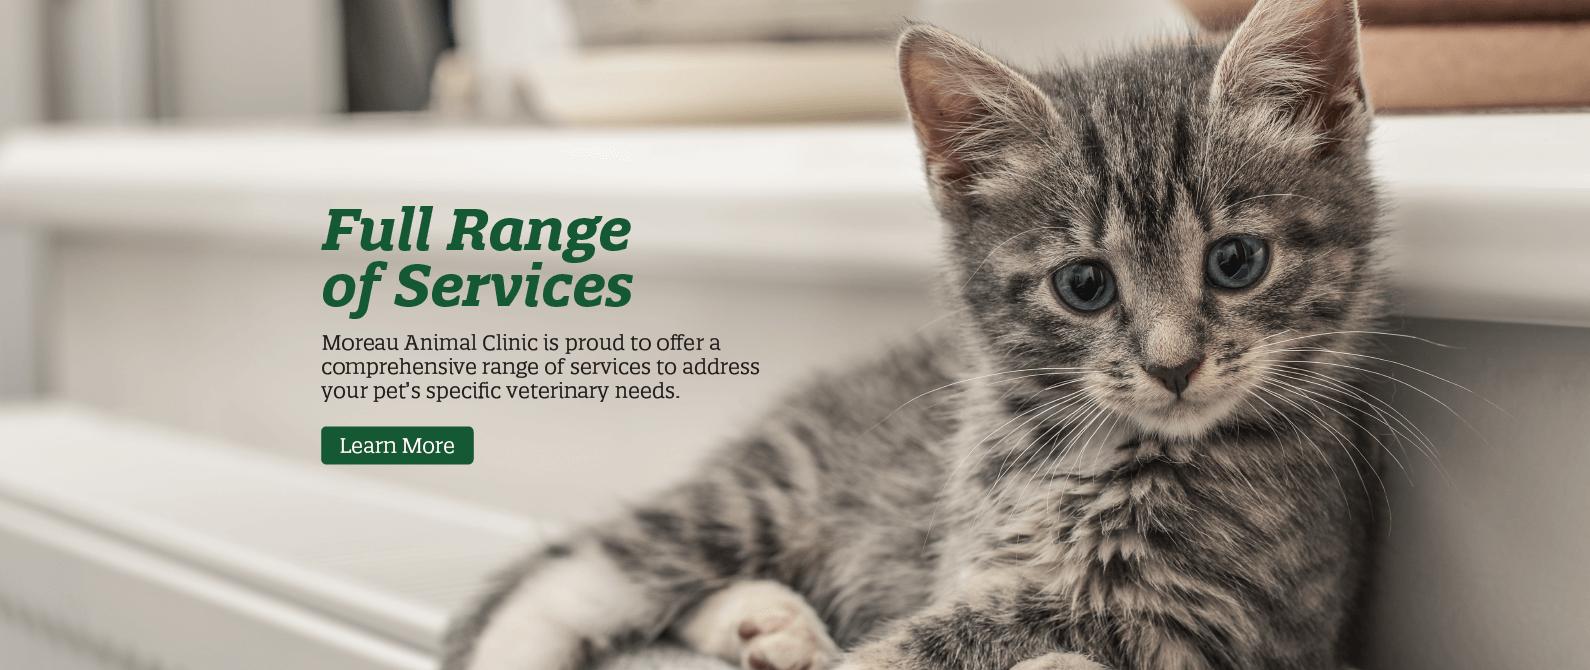 Full Range of Services